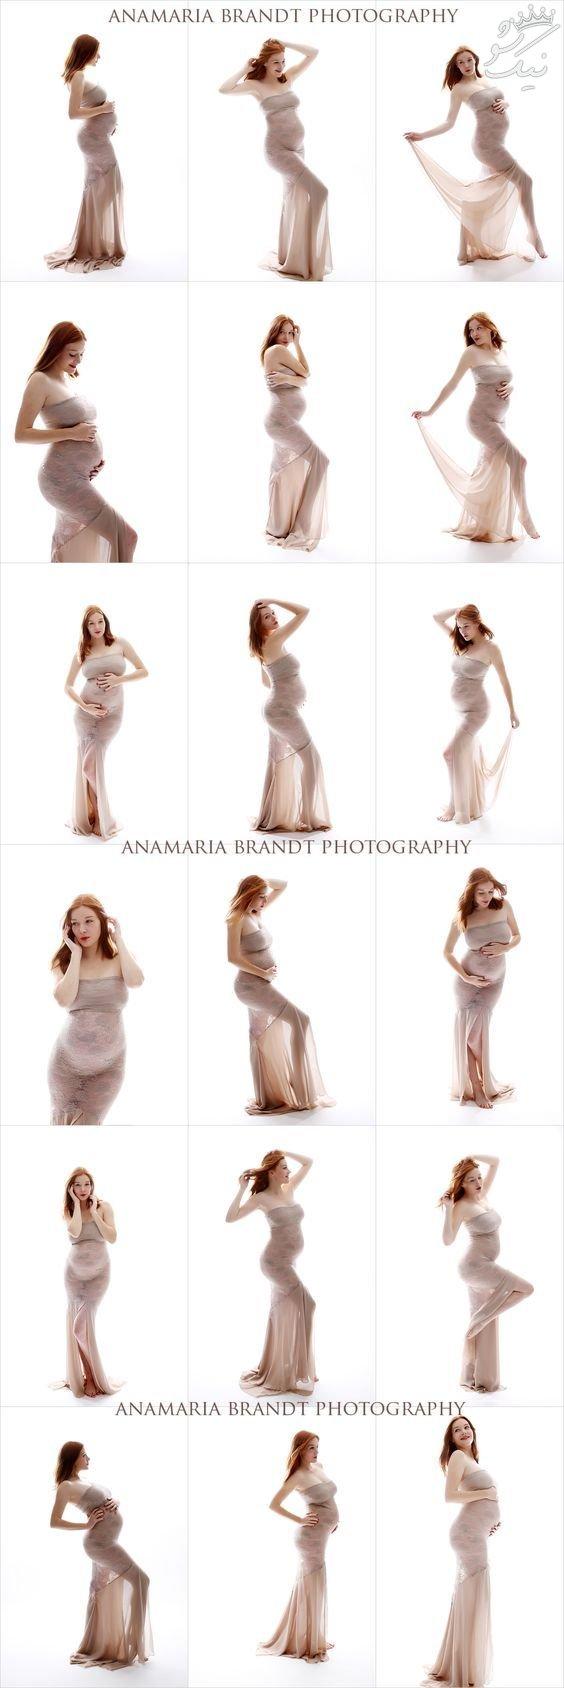 ژست عکاسی مادران دوران بارداری +عکس زنان باردار